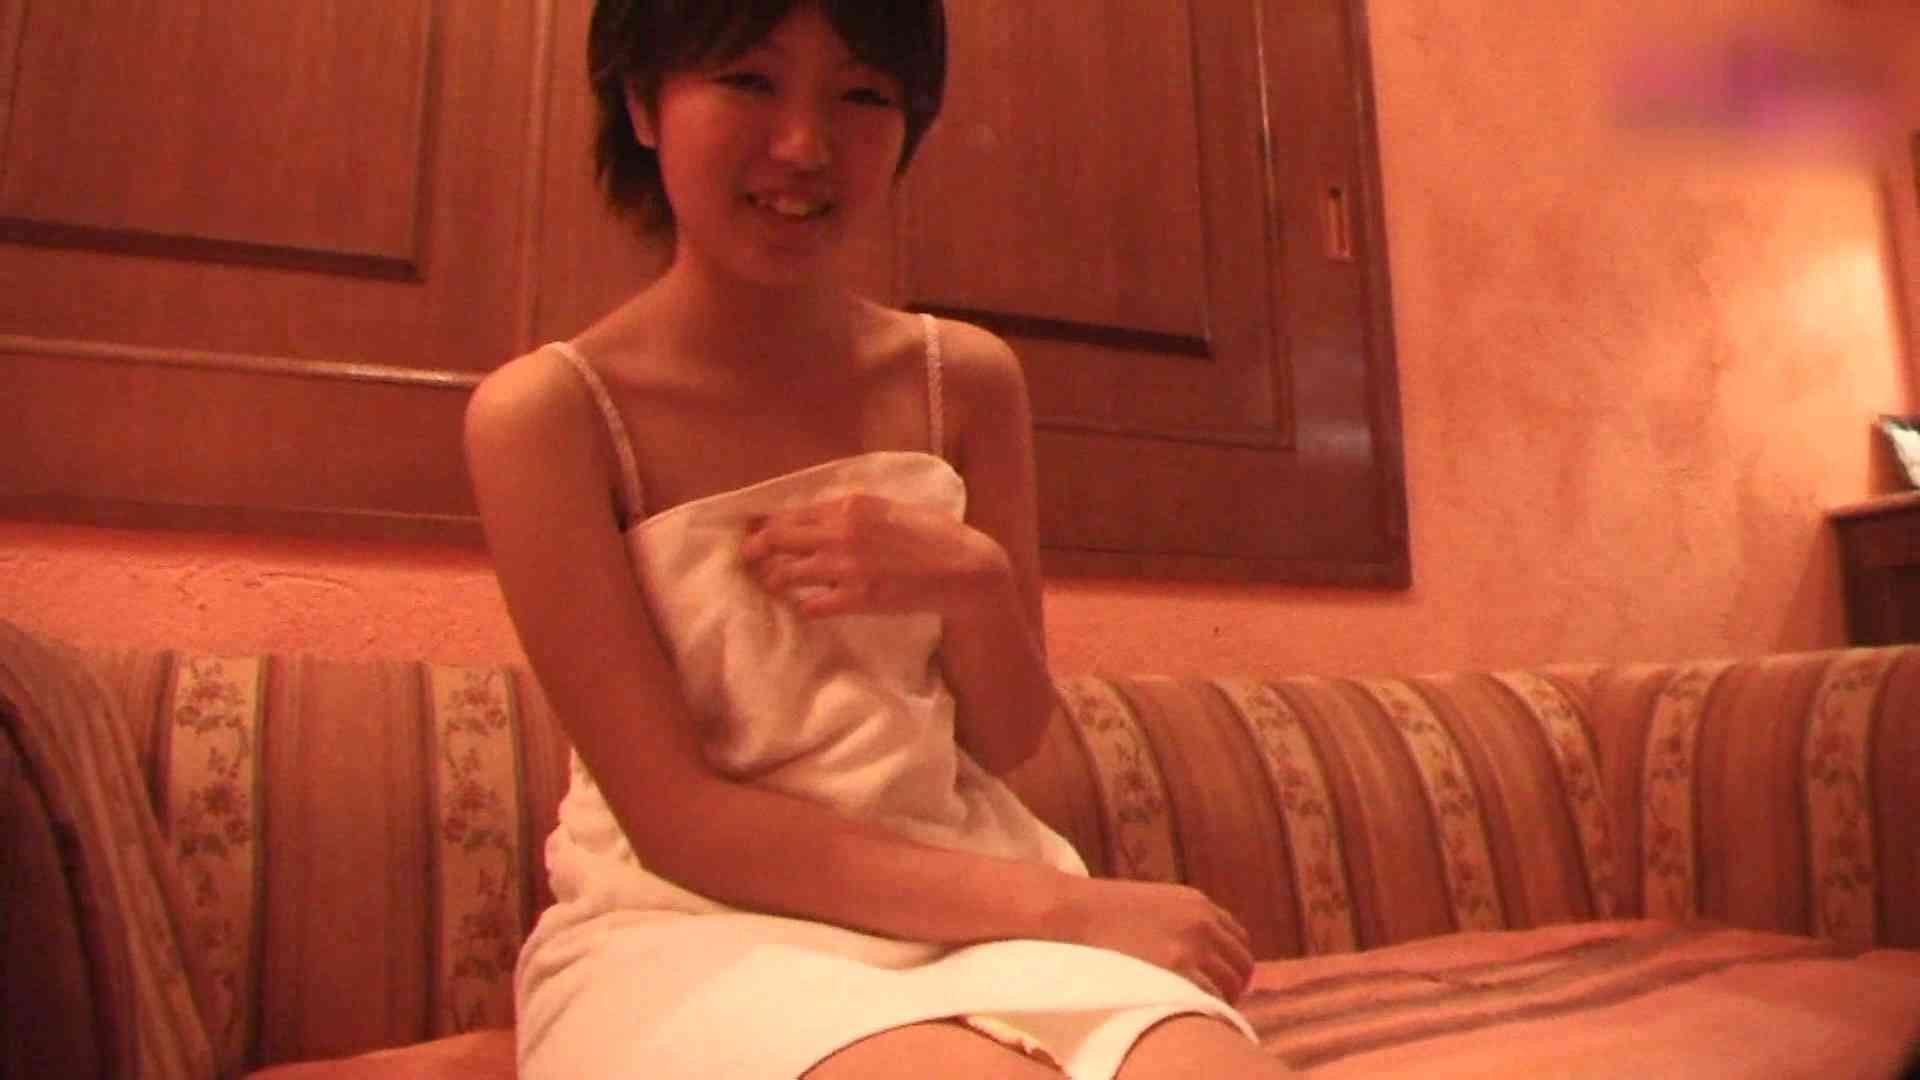 おしえてギャル子のH塾 Vol.26 前編 小悪魔ギャル 盗撮動画紹介 103連発 18